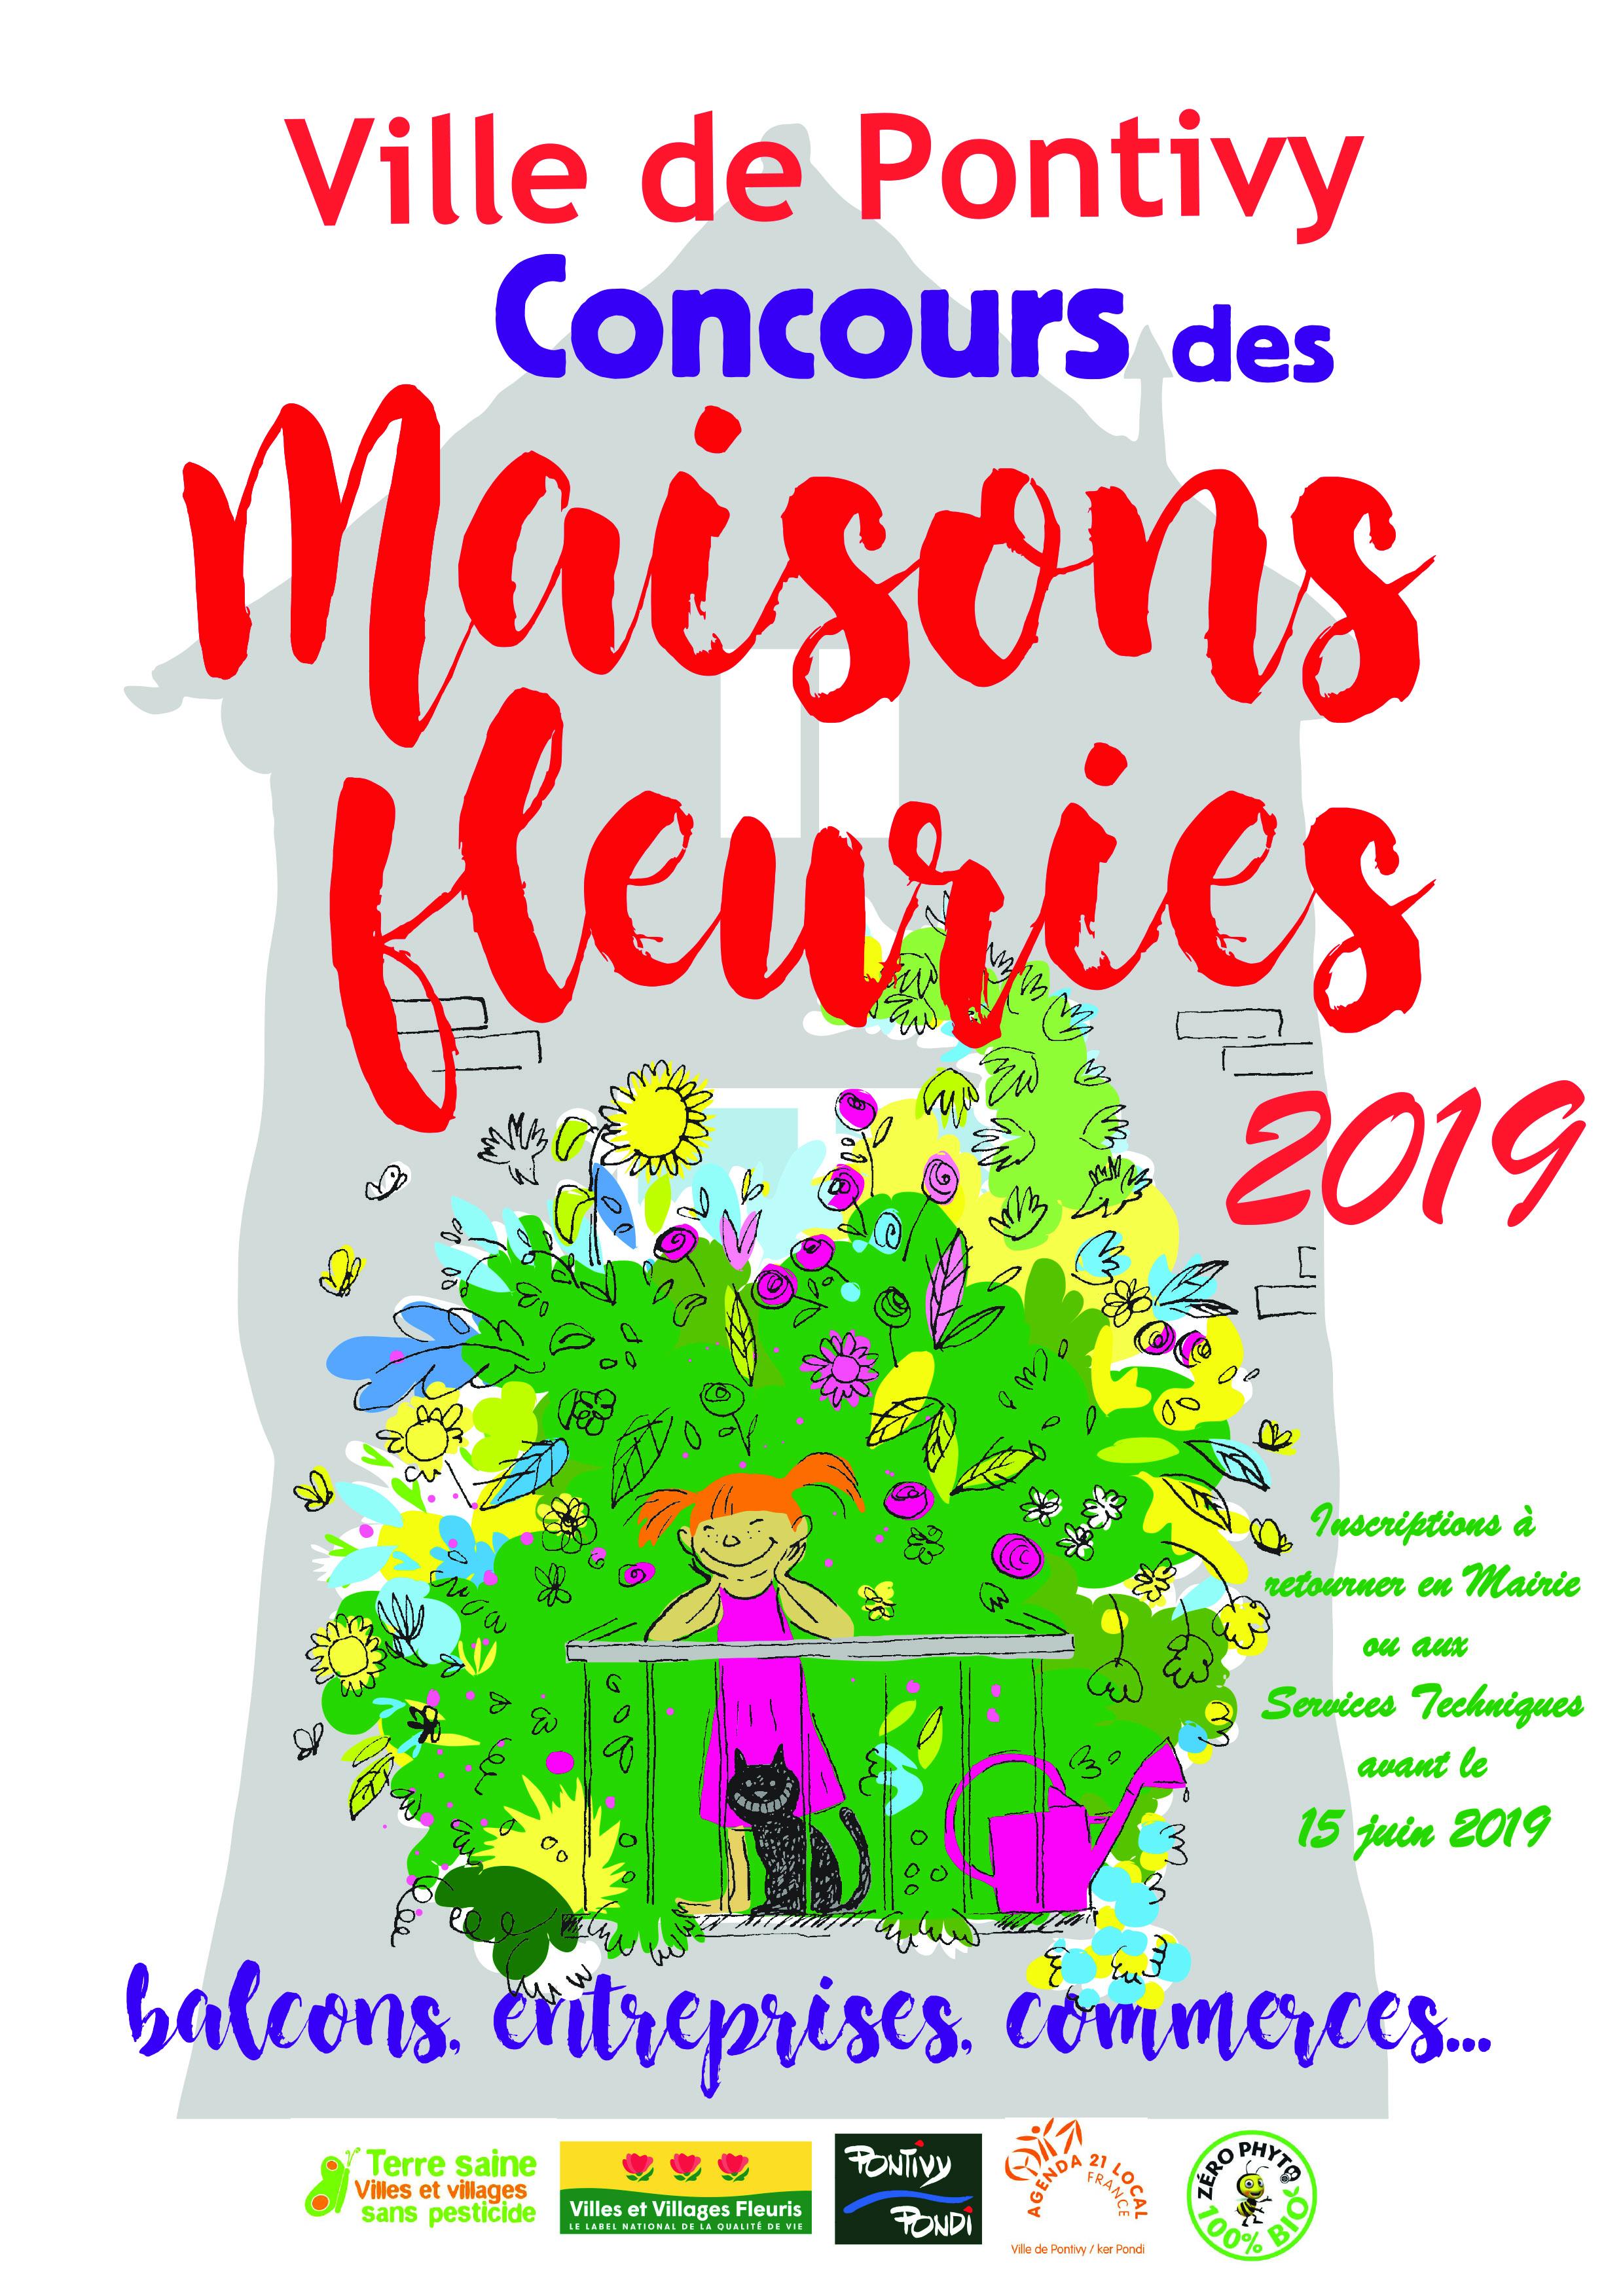 Concours des maisons fleuries 2019